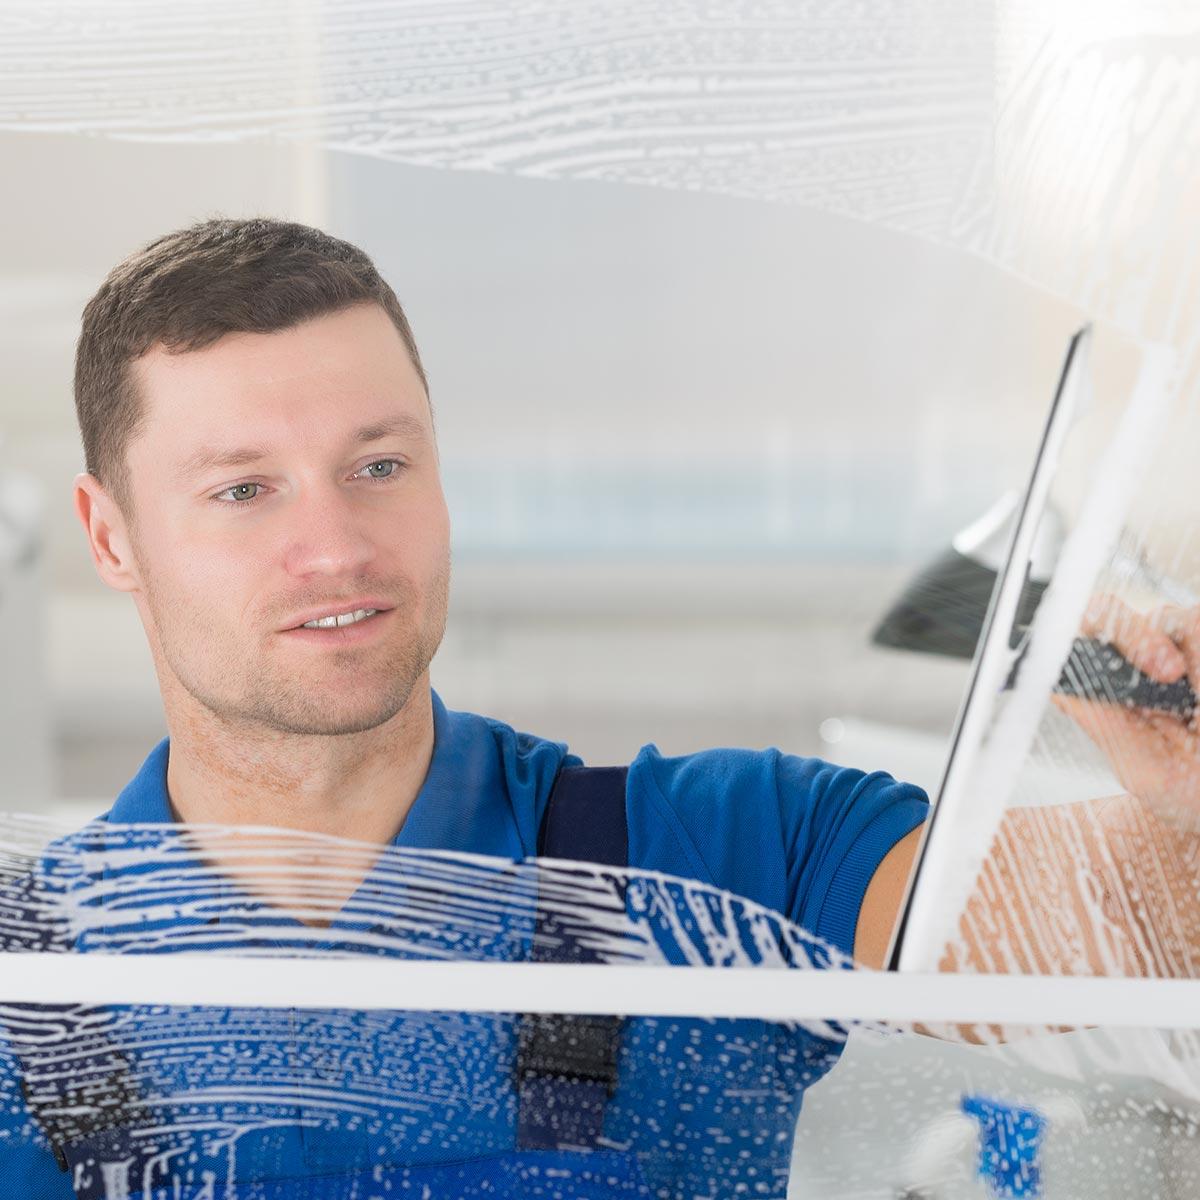 Fensterputzer Ingolstadt putzt zuverlaääsig Fenster in privaten Haushalten.